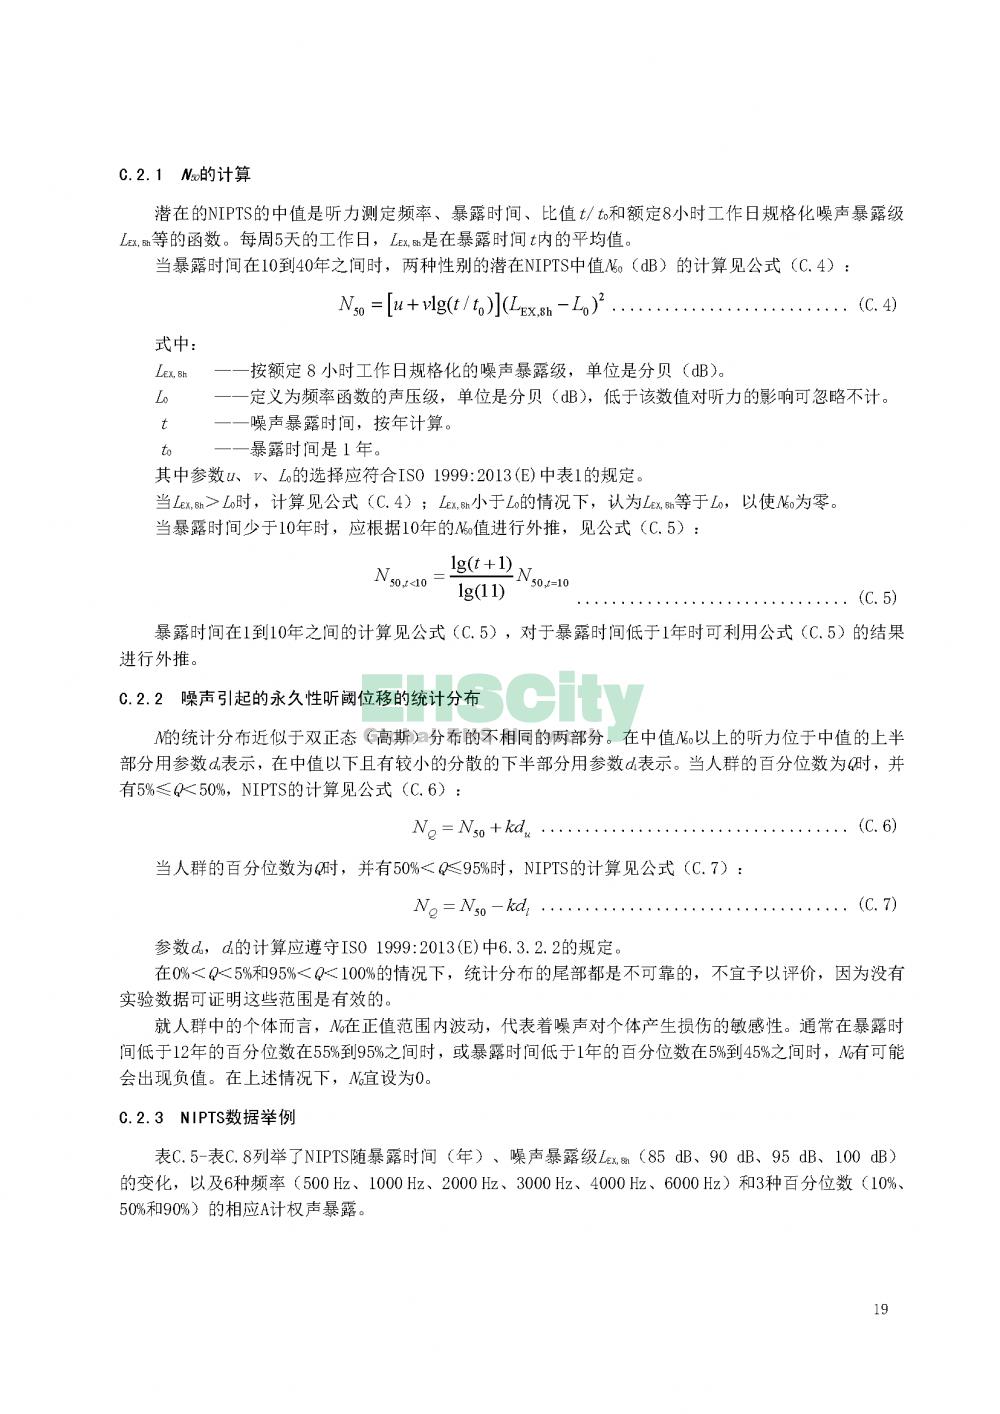 噪声职业病危害风险管理指南_页面_22